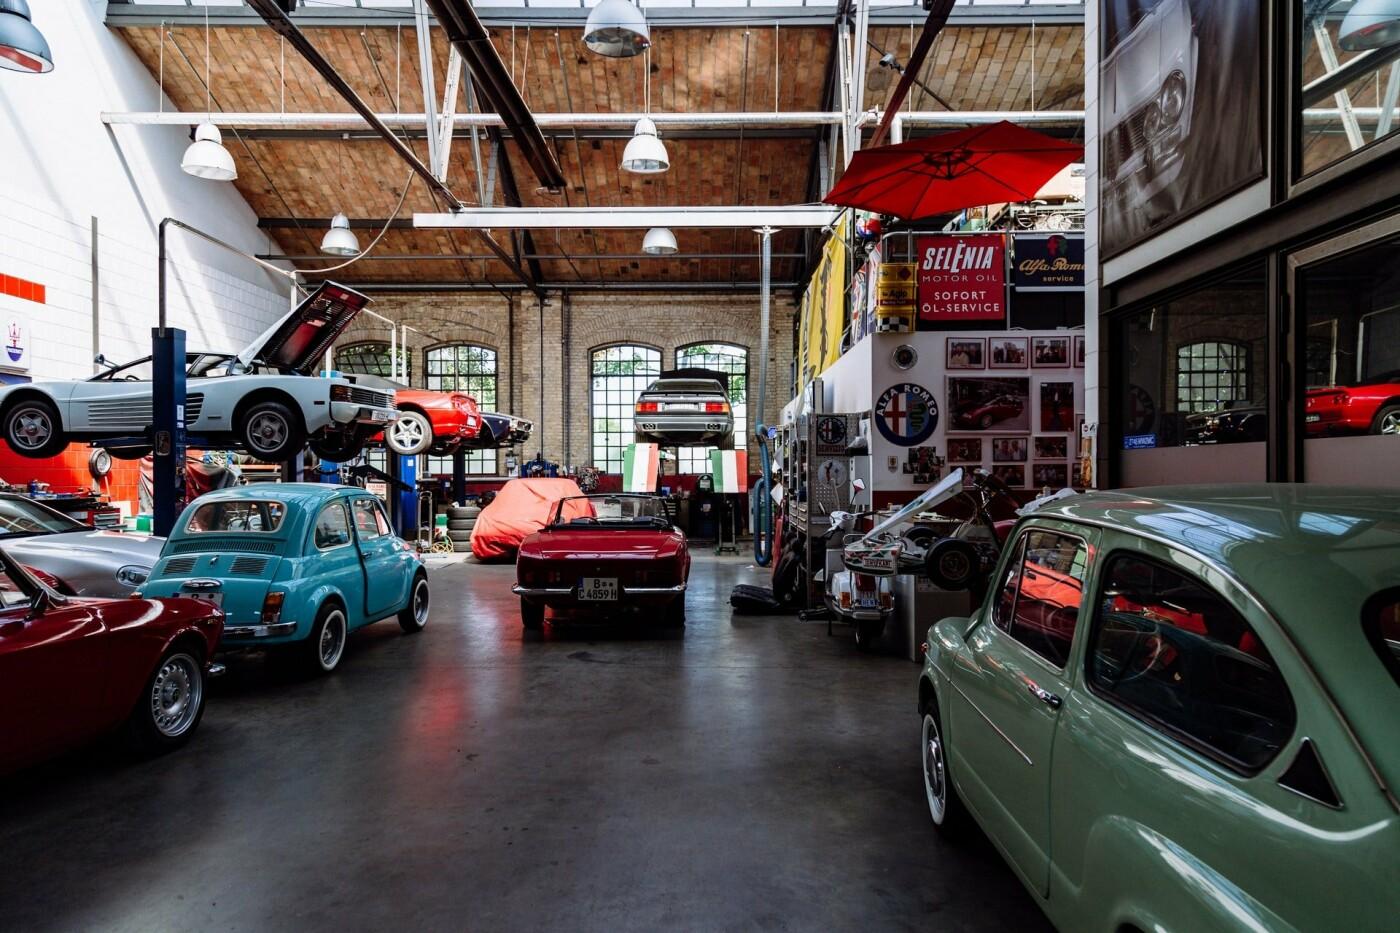 Купить авто б/у Киев: где найти и как выбрать машину в столице, Фото: Alex Suprun